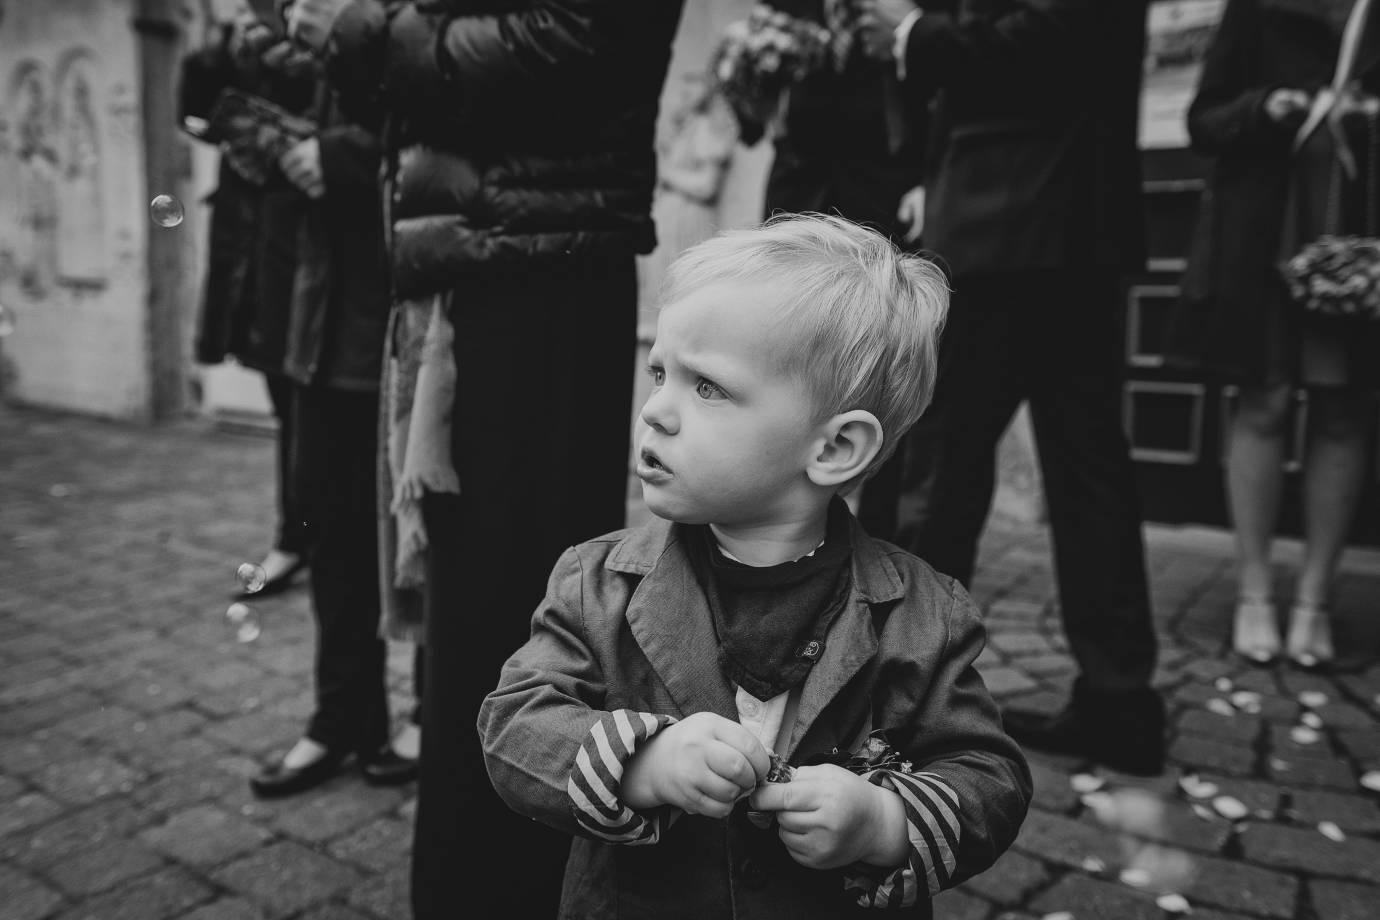 hochzeitsfotograf bremen 091 - Ronja+Mathis